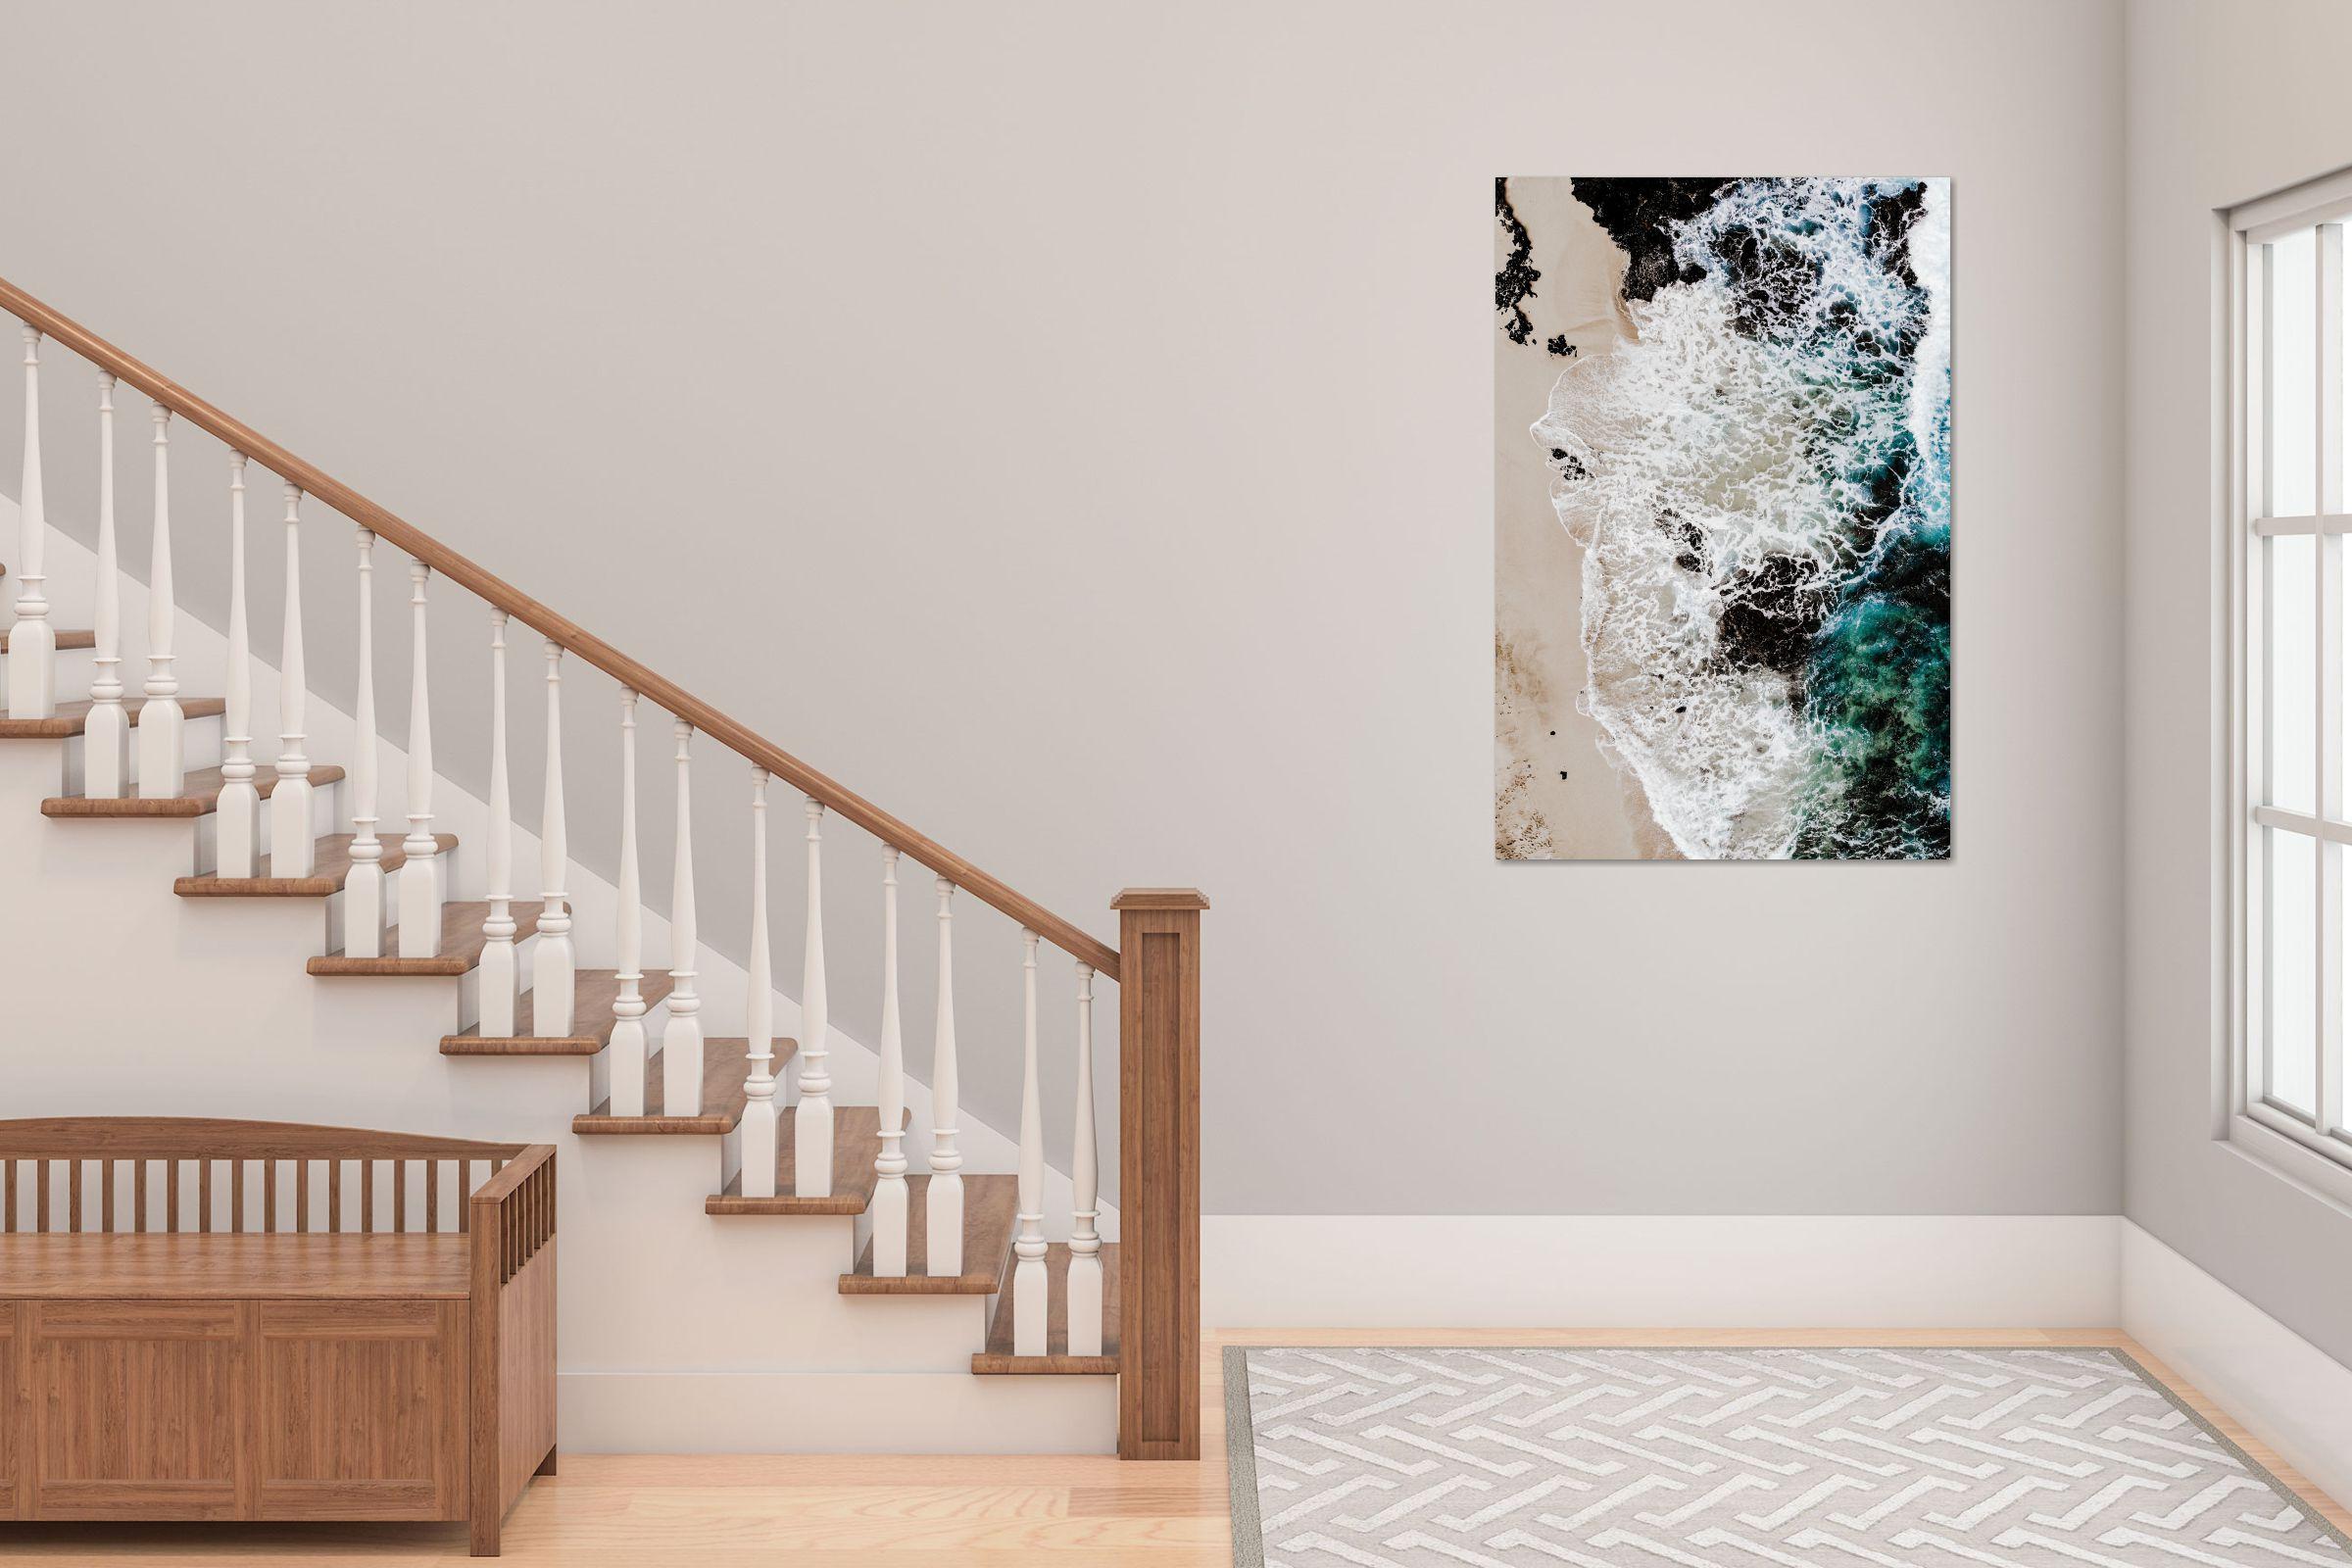 08-Open Staircase.jpg